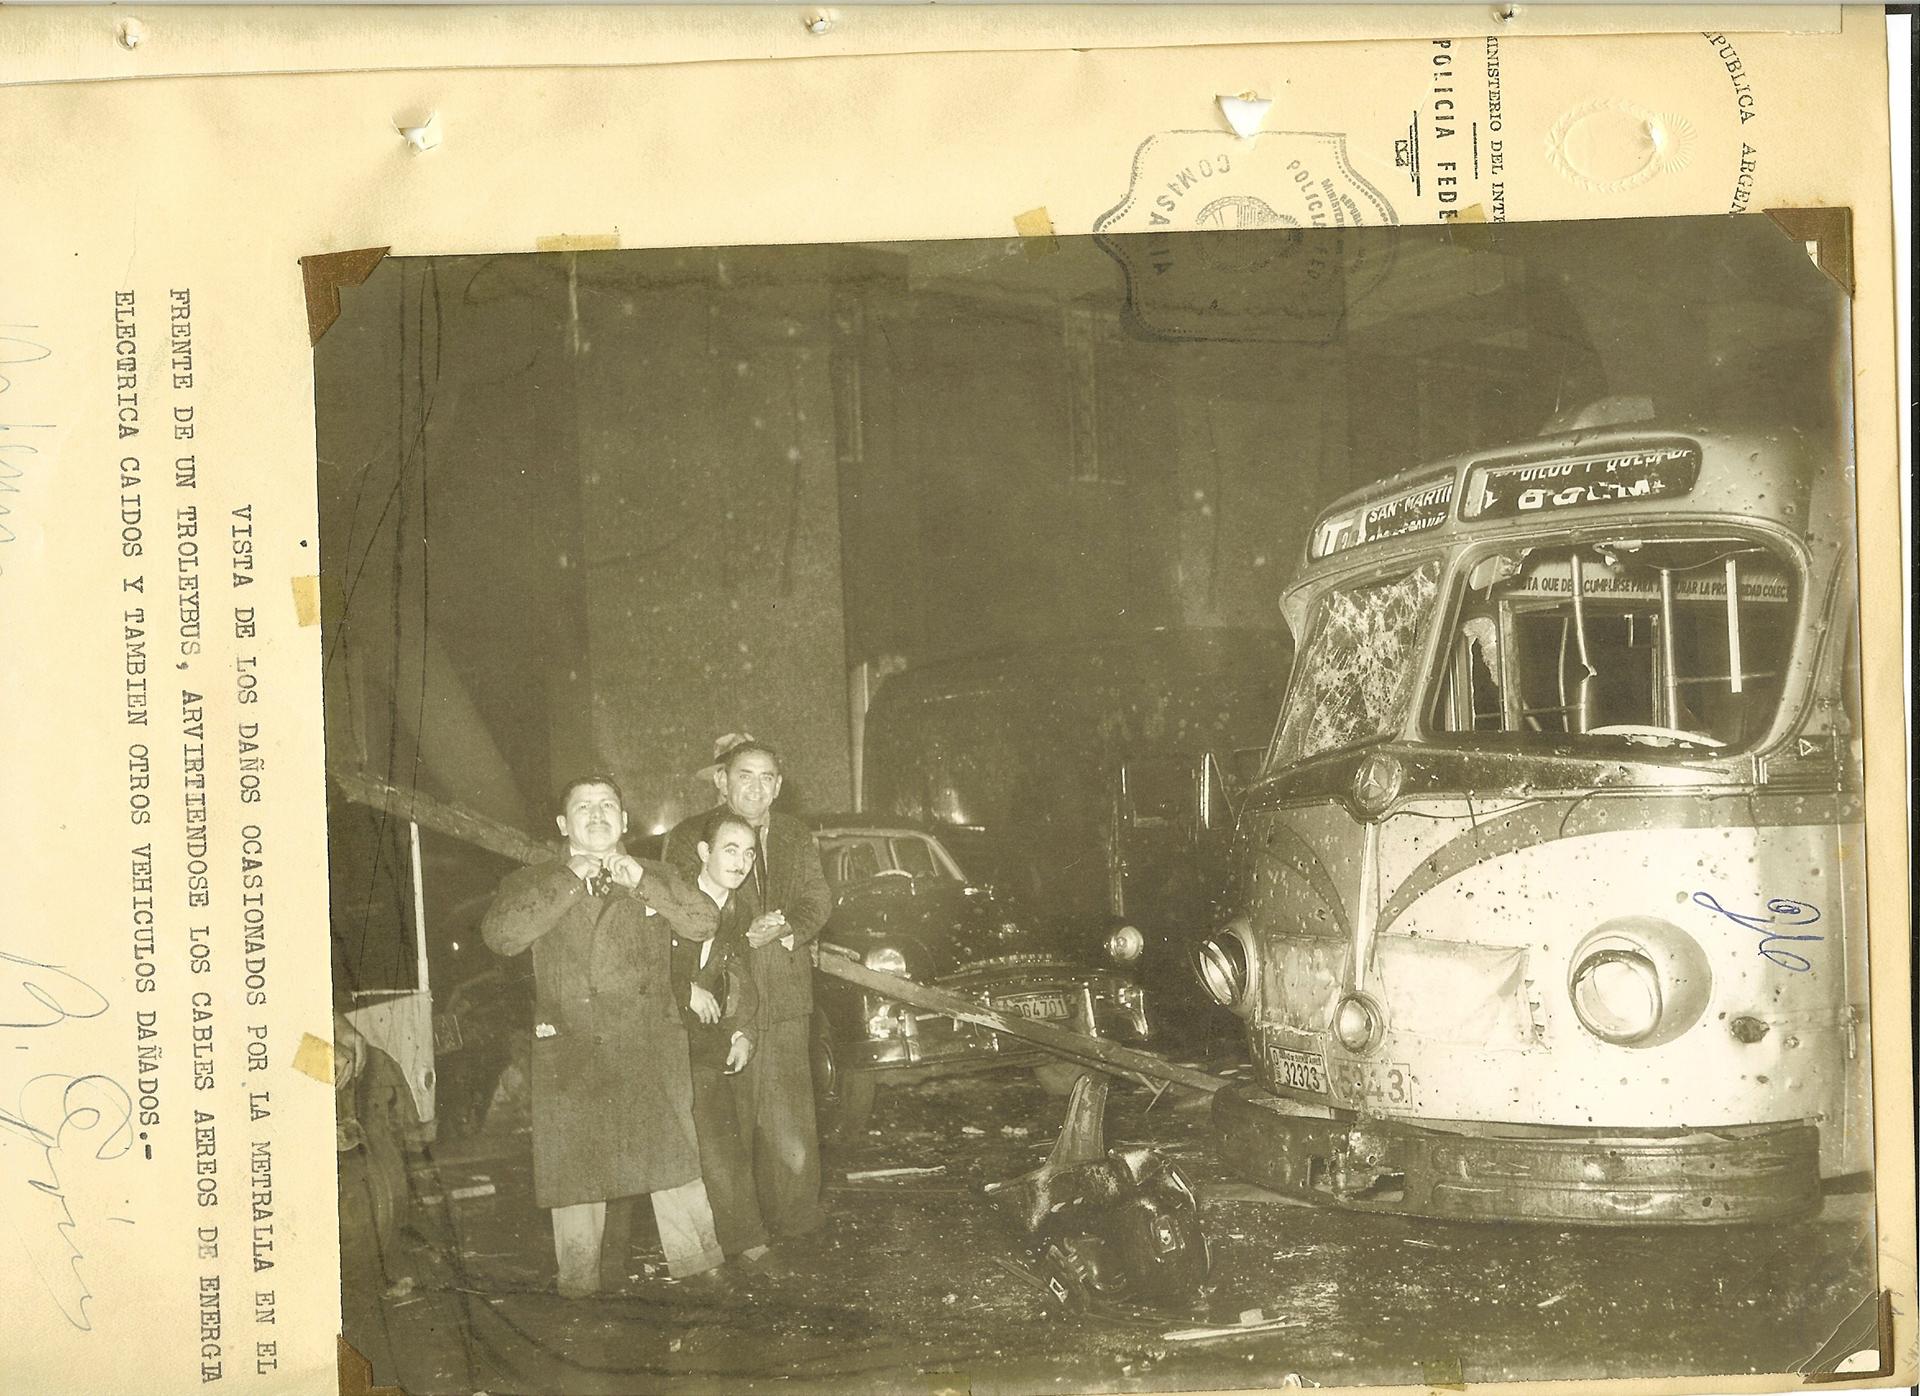 Un trolleybus destrozado. Uno de los tantos daños ocasionados por el bombardeo de la aviación Naval sobre Plaza de Mayo.